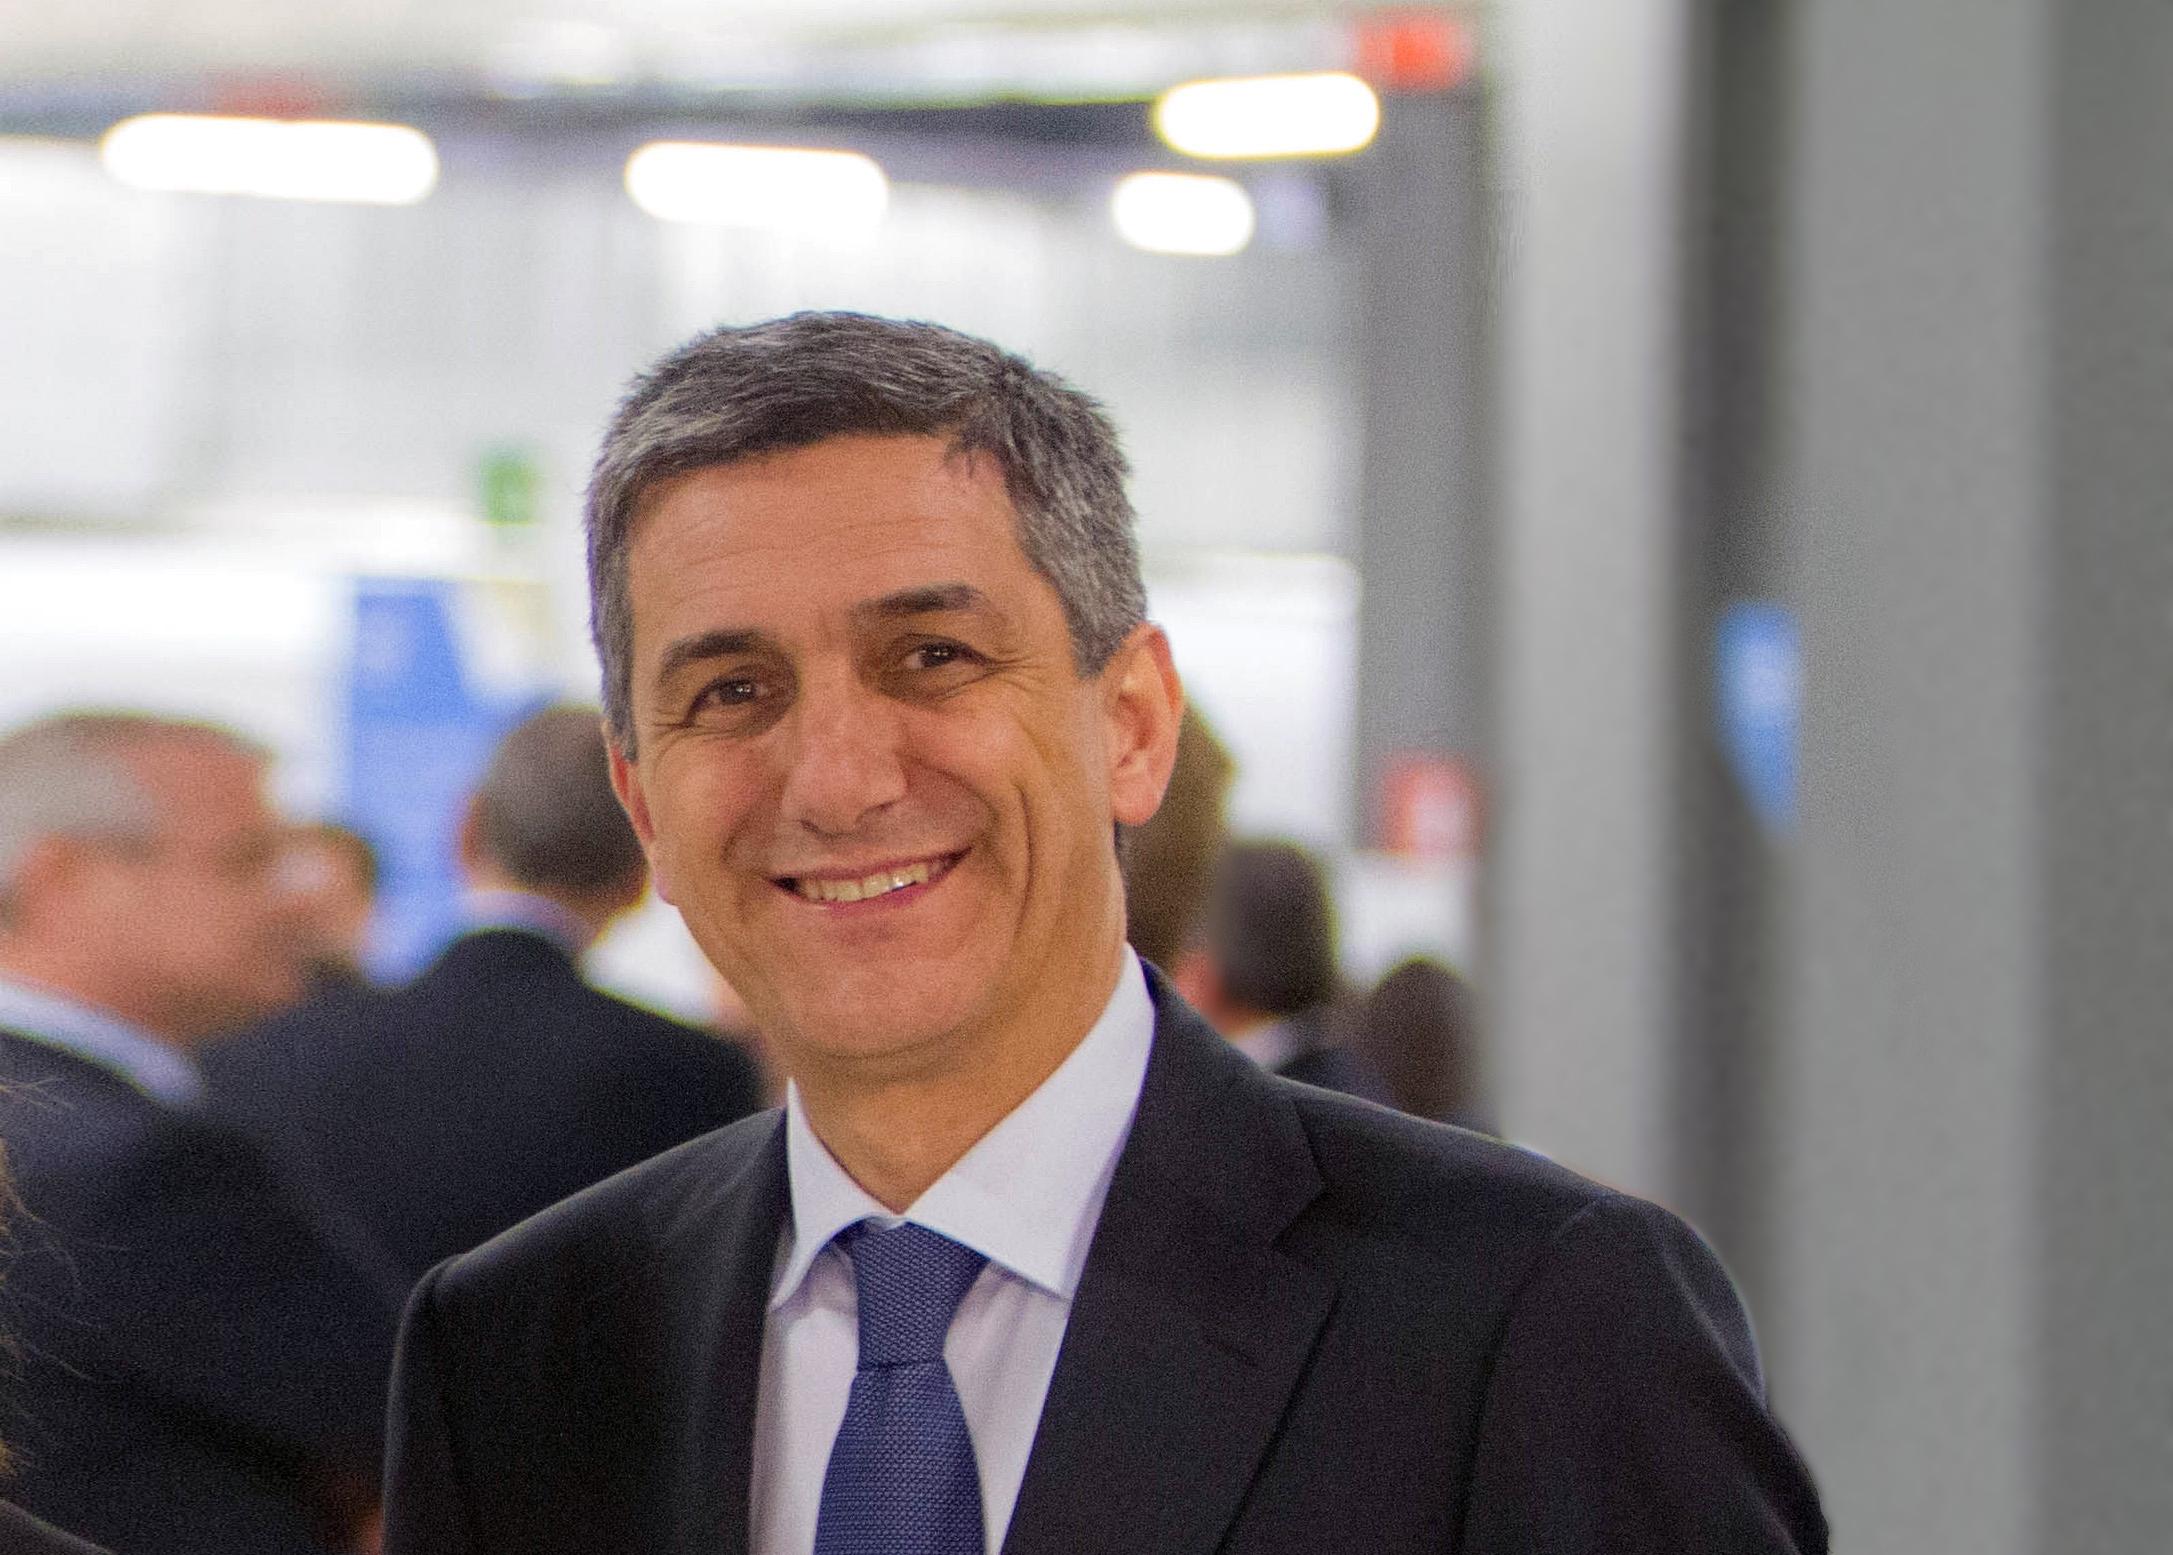 Stefano Venturi, Amministratore Delegato Gruppo Hewlett-Packard in Italia e Corporate Vice President di Hewlett-Packard Inc.